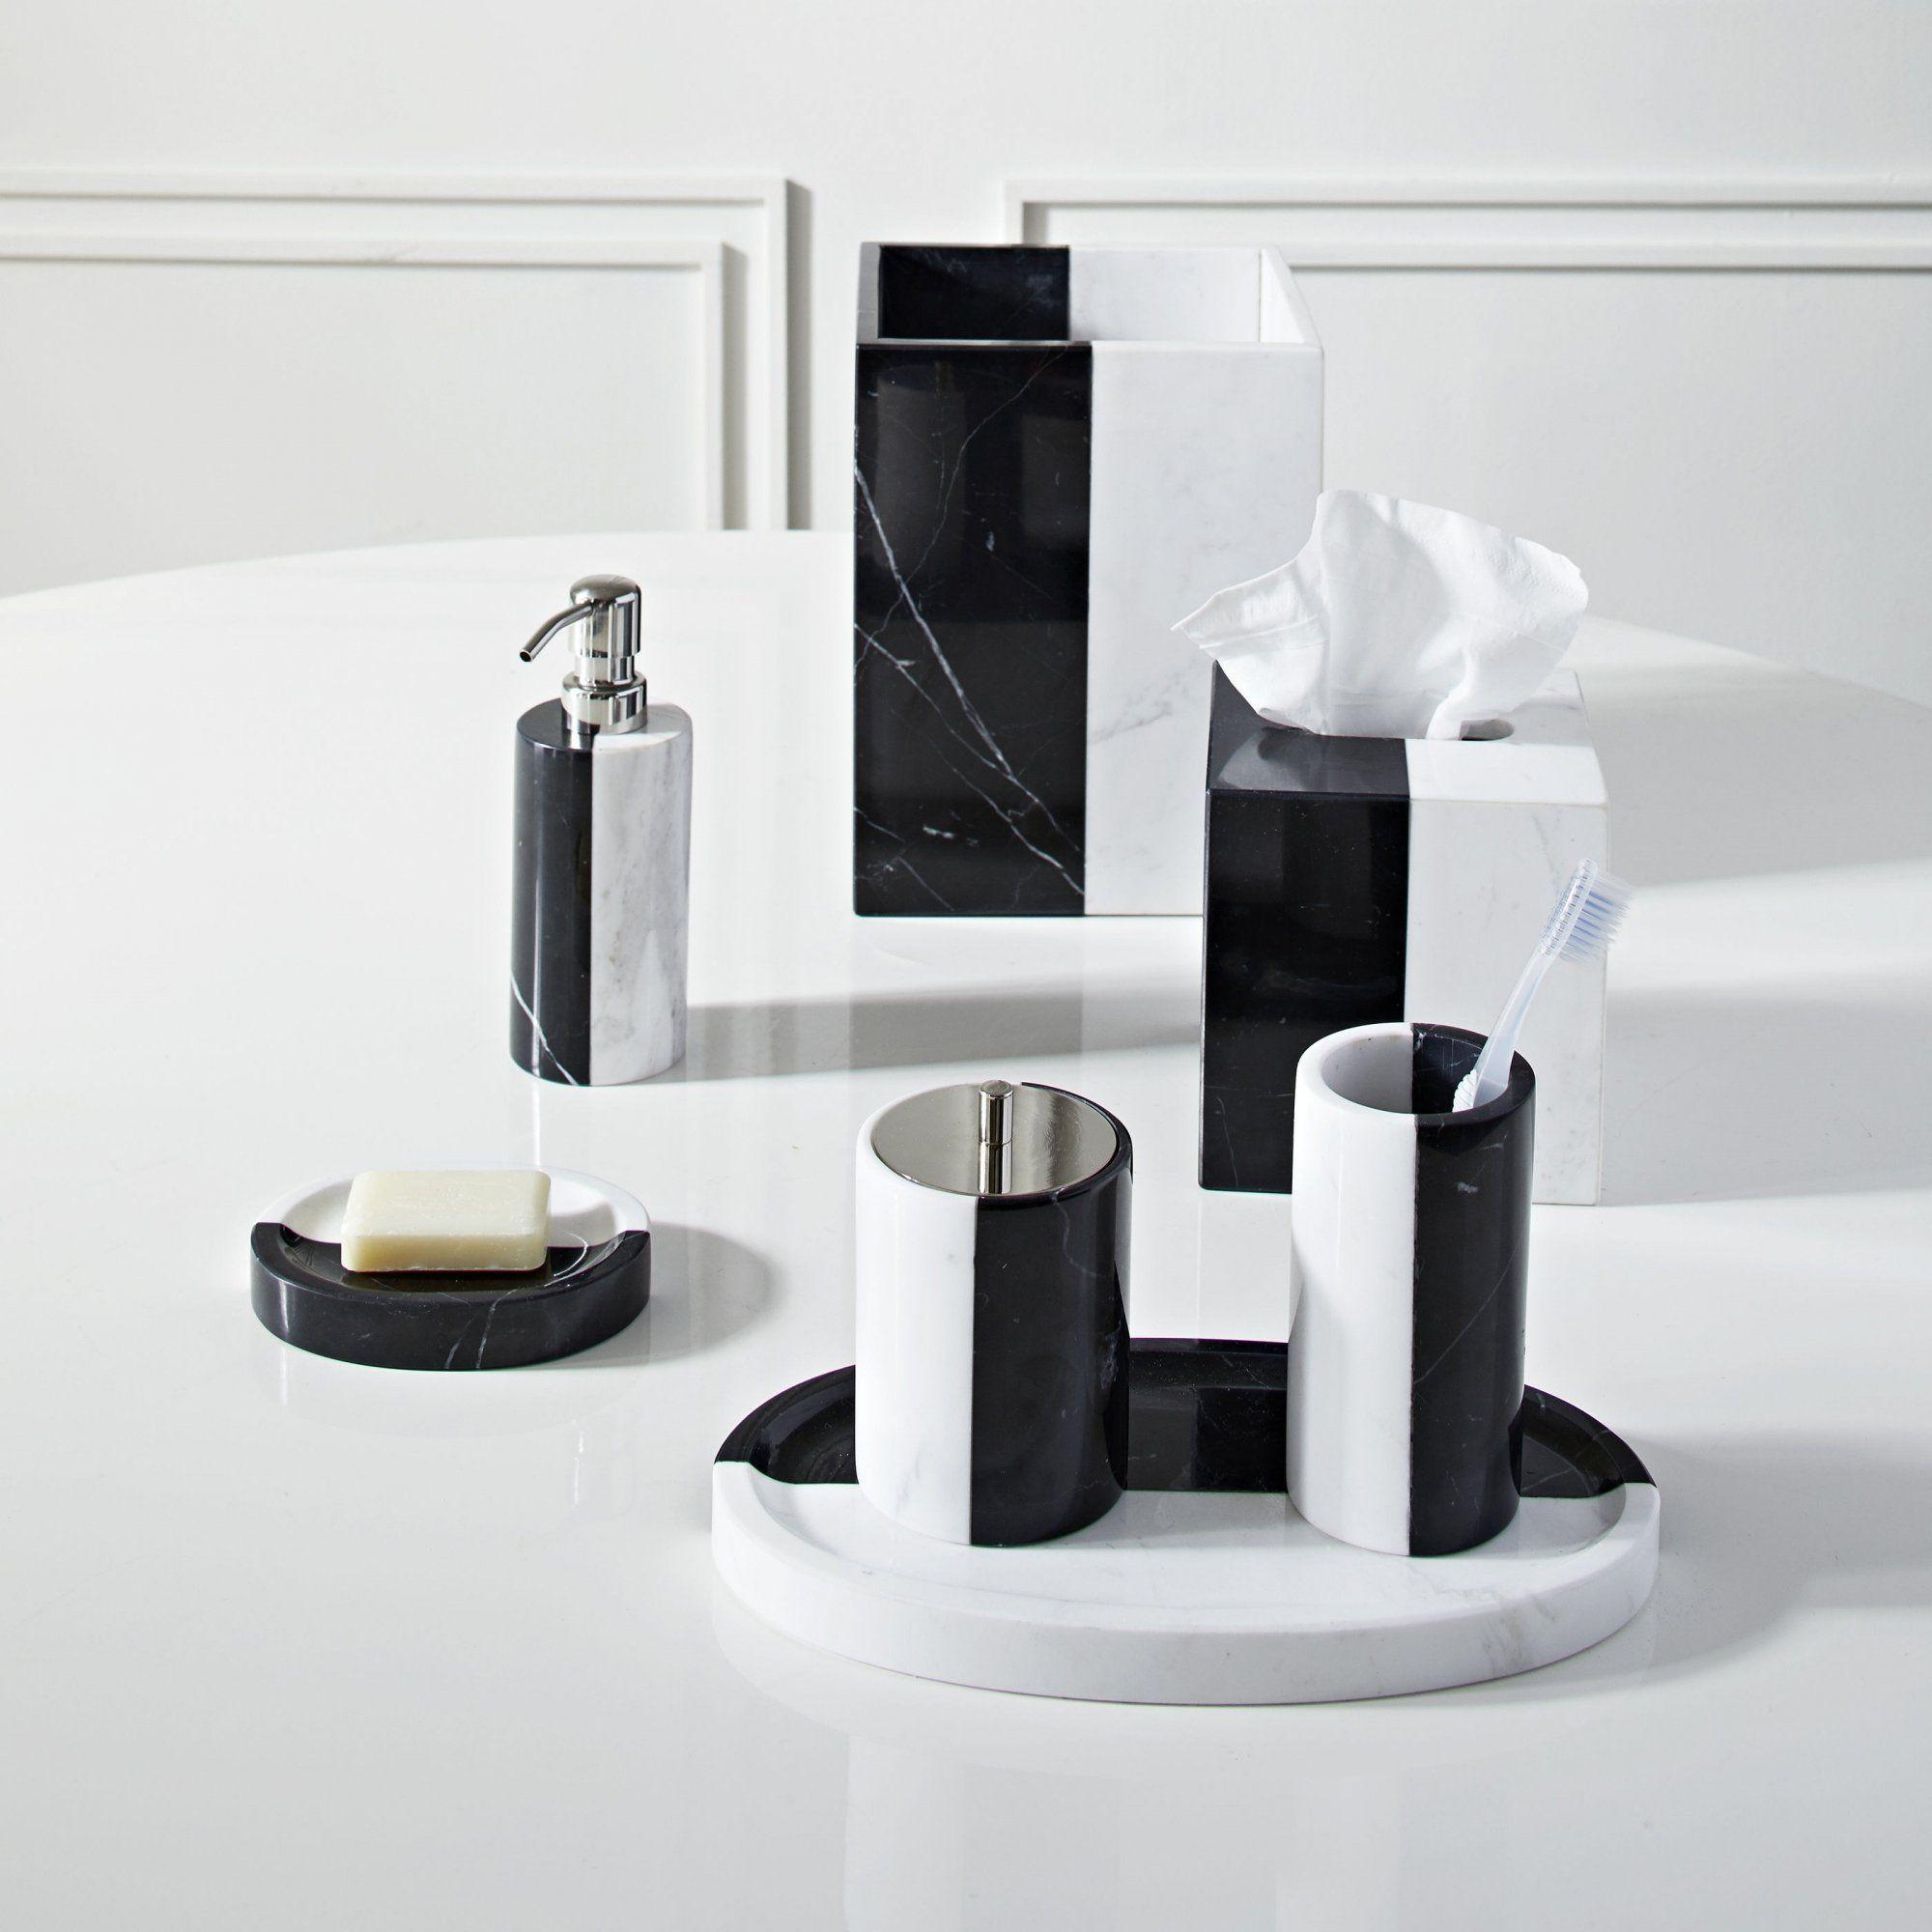 Accessoires Salle De Bain La Redoute ~ des accessoires de salle de bains en marbre noir et blanc moderne et